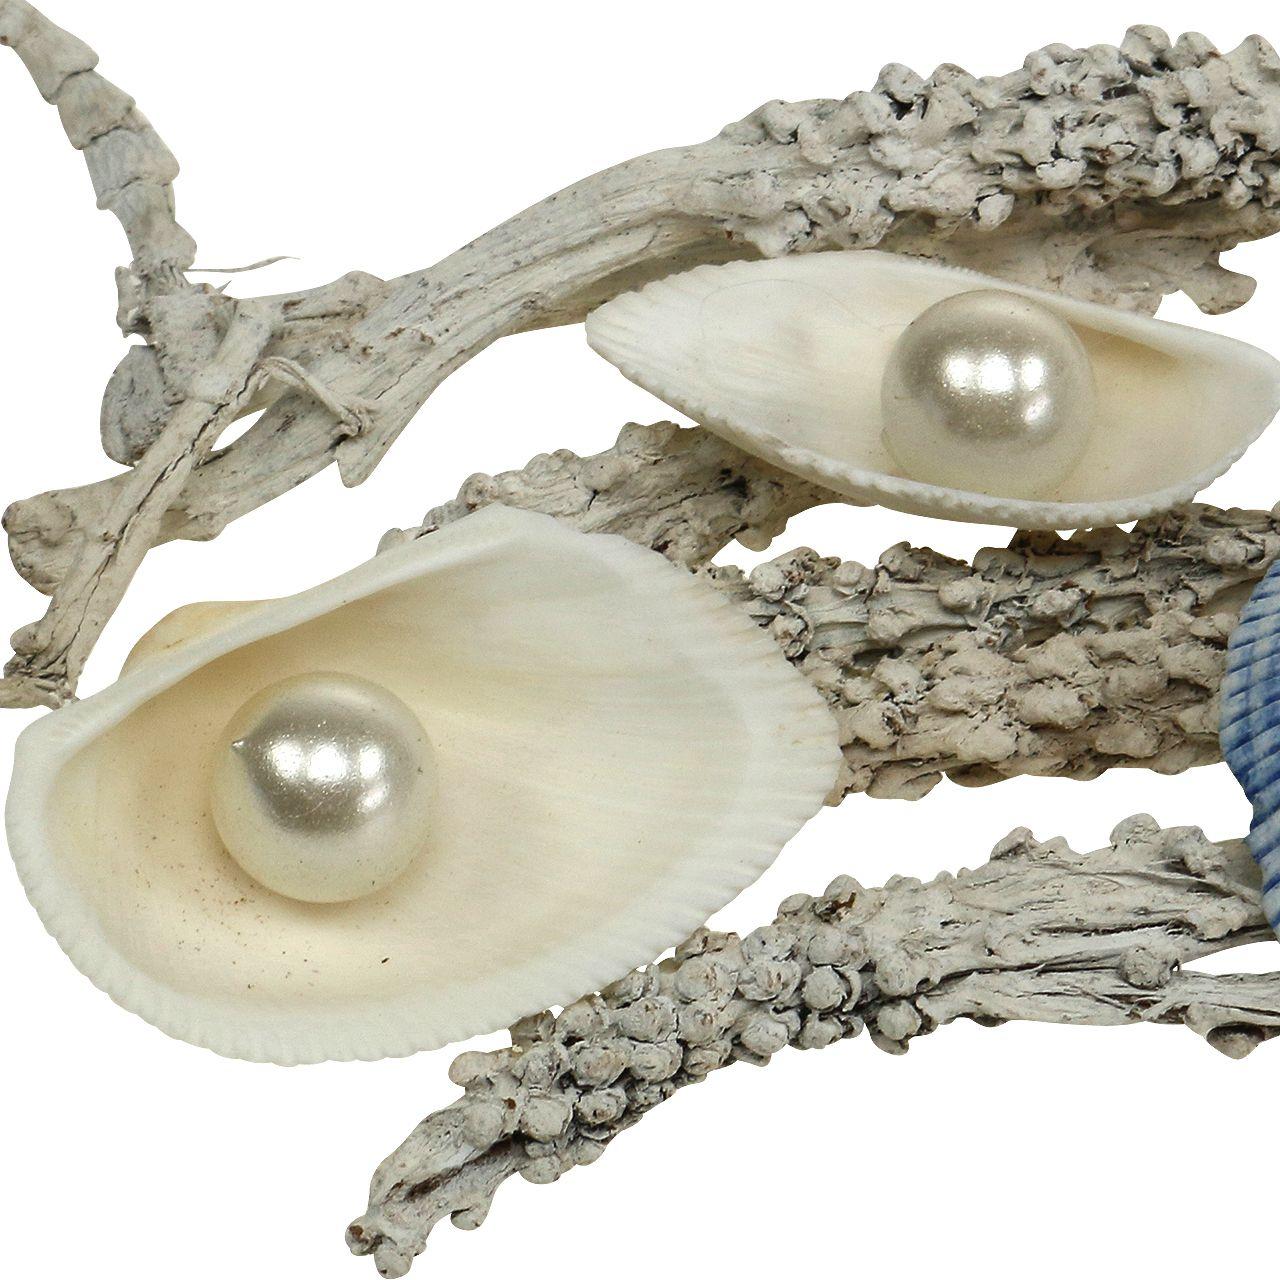 dekomix muschel mit perle und holz weiß blau 200g